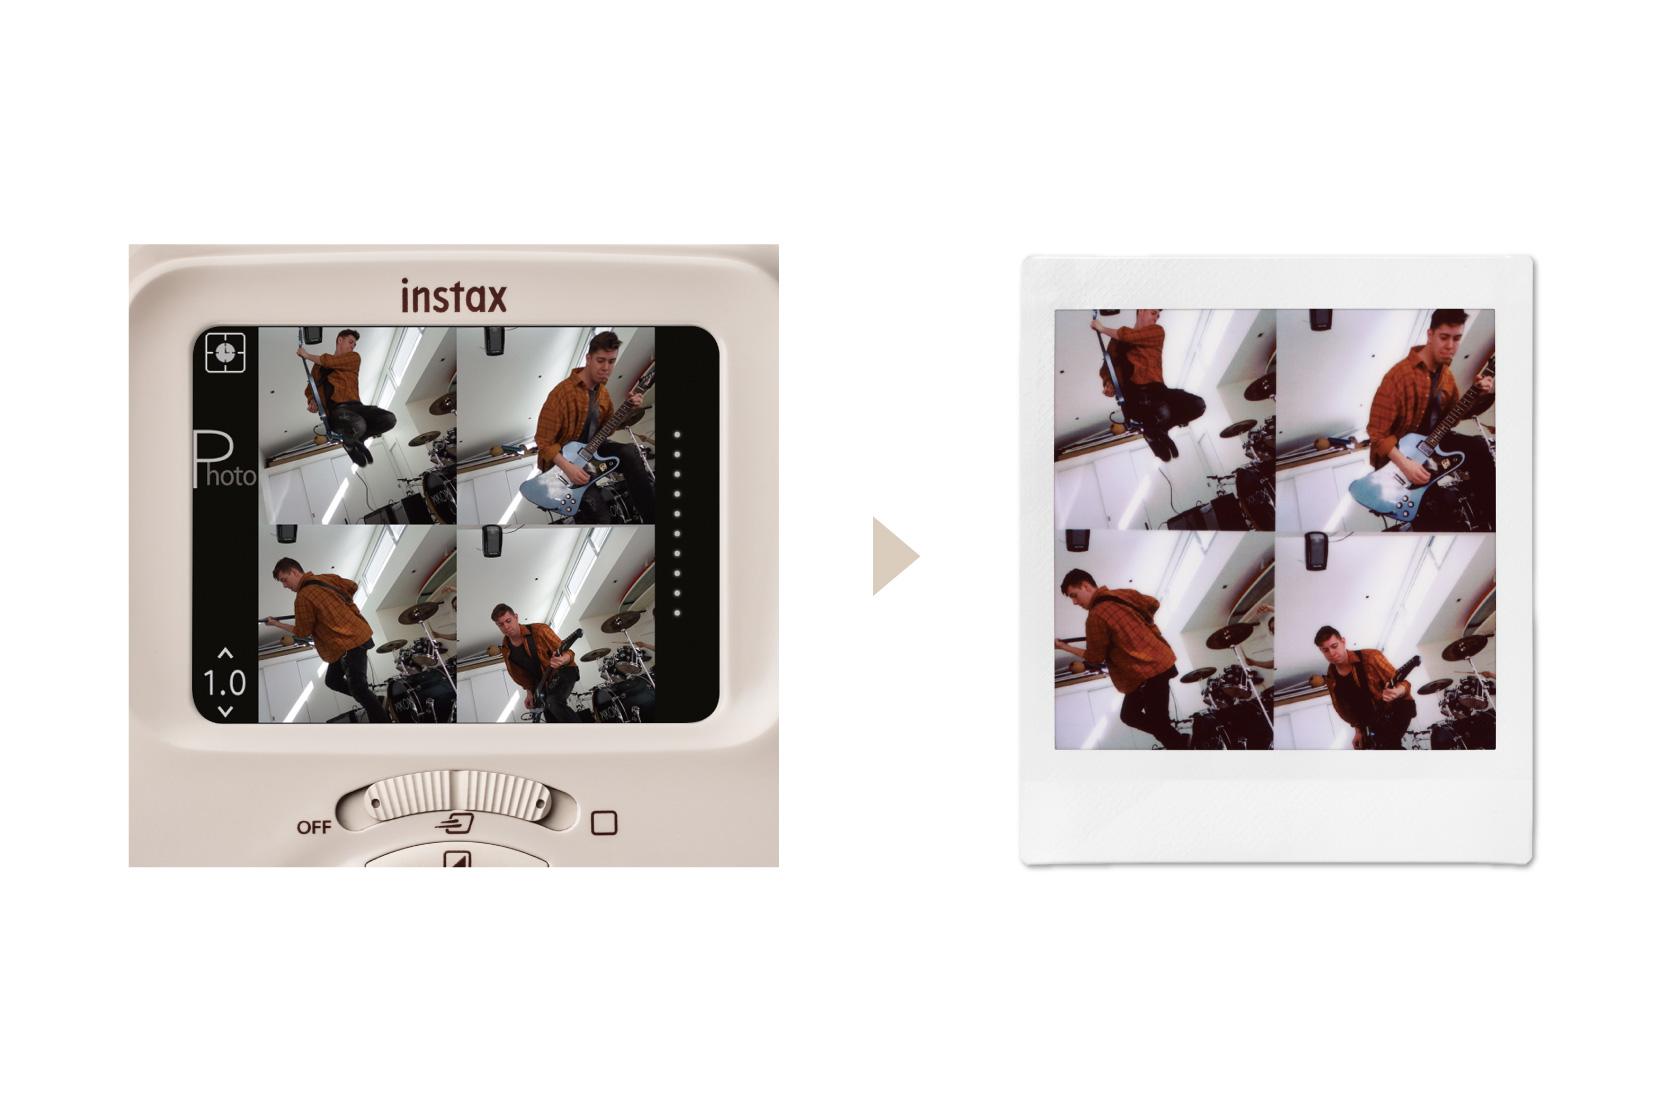 Imagens da tela na parte de trás da SQ20 mostram quatro imagens ao mesmo tempo de homem pulando e tocando violão e as mesmas quatro imagens pintadas no filme